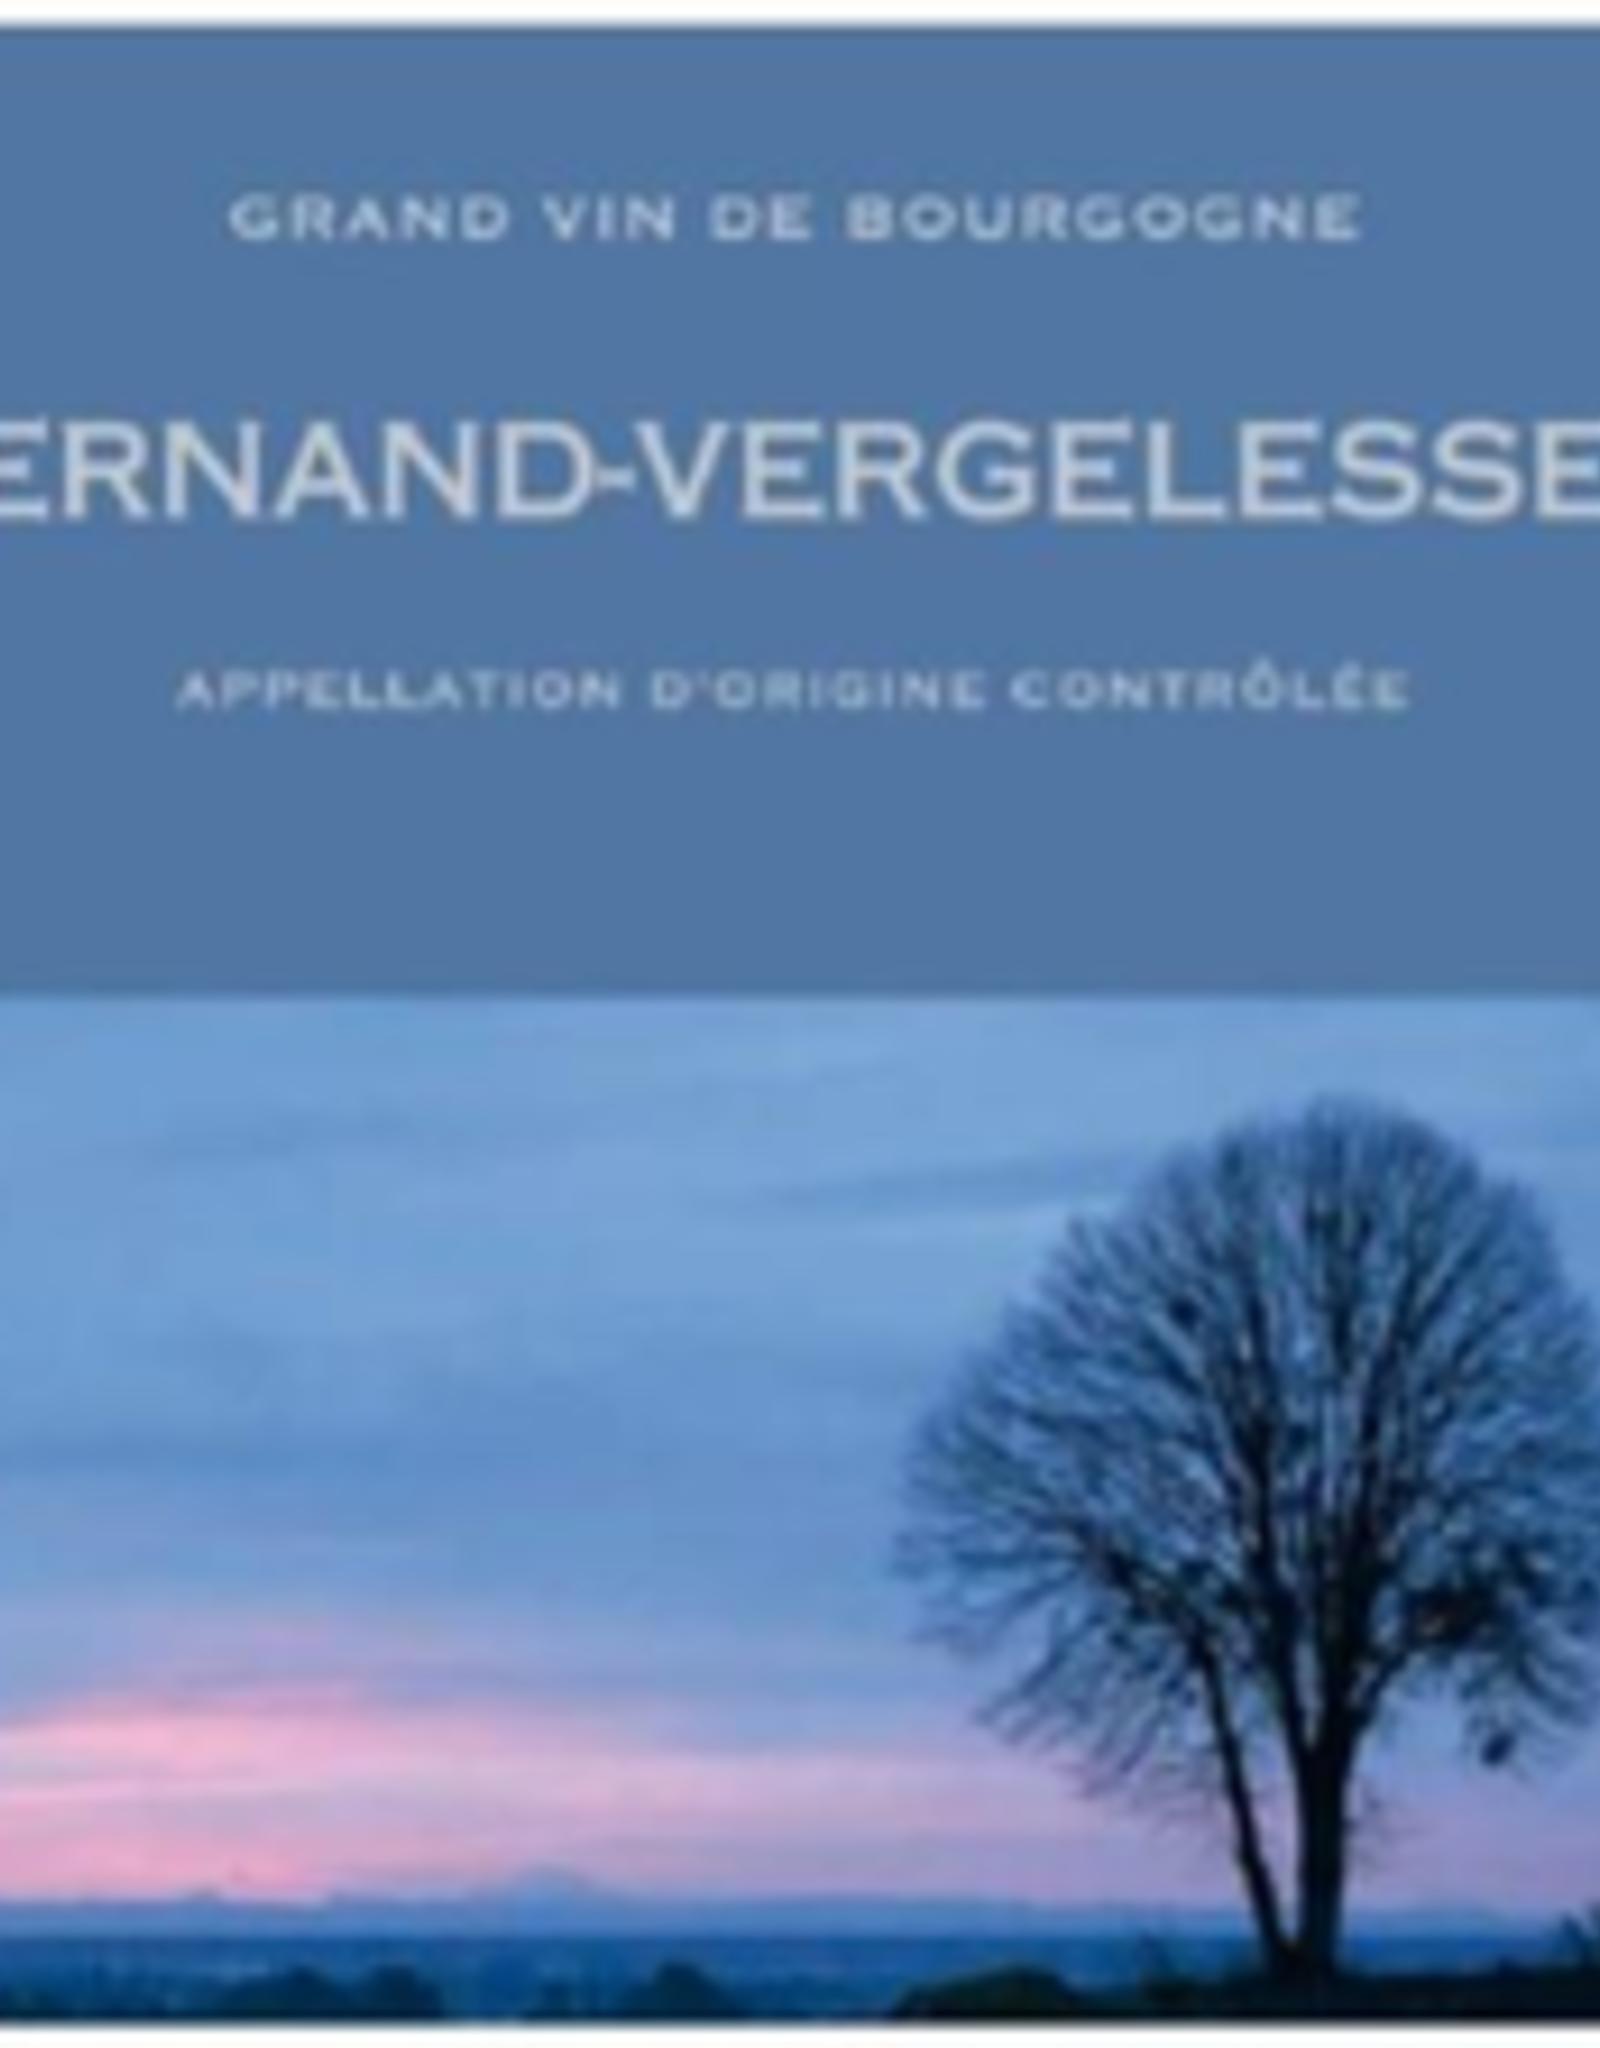 W Burgundy, Bourgogne, Pernand-Vergelesses, Skyaasen 2019